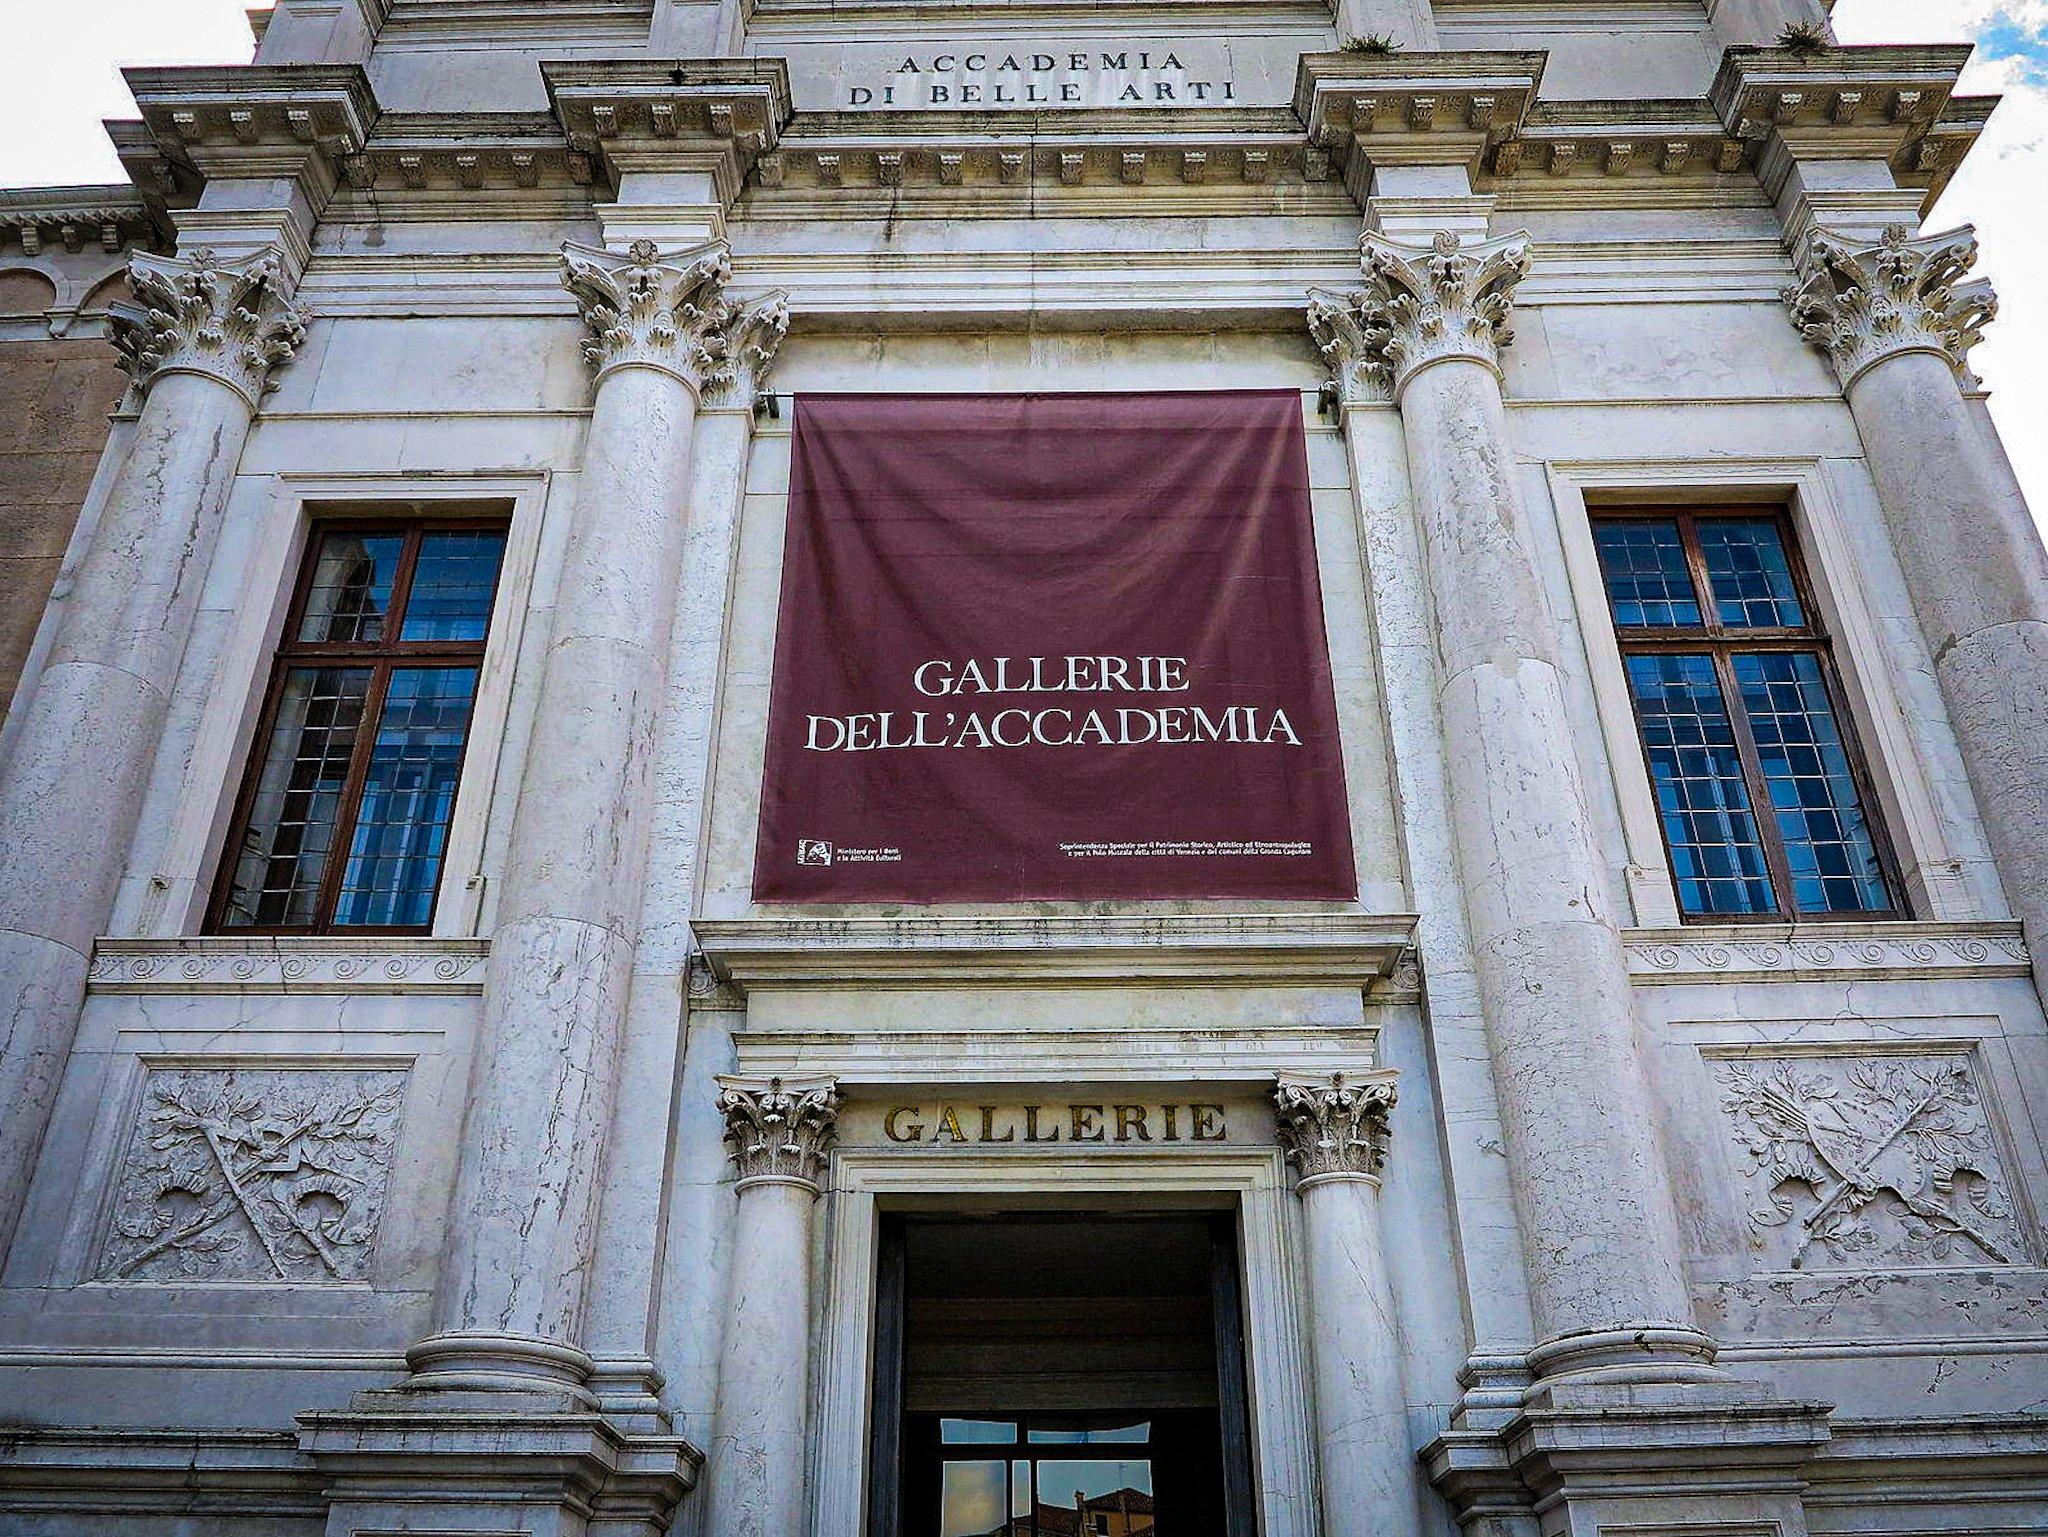 Gallerie dell'Accademia - Venice - façade